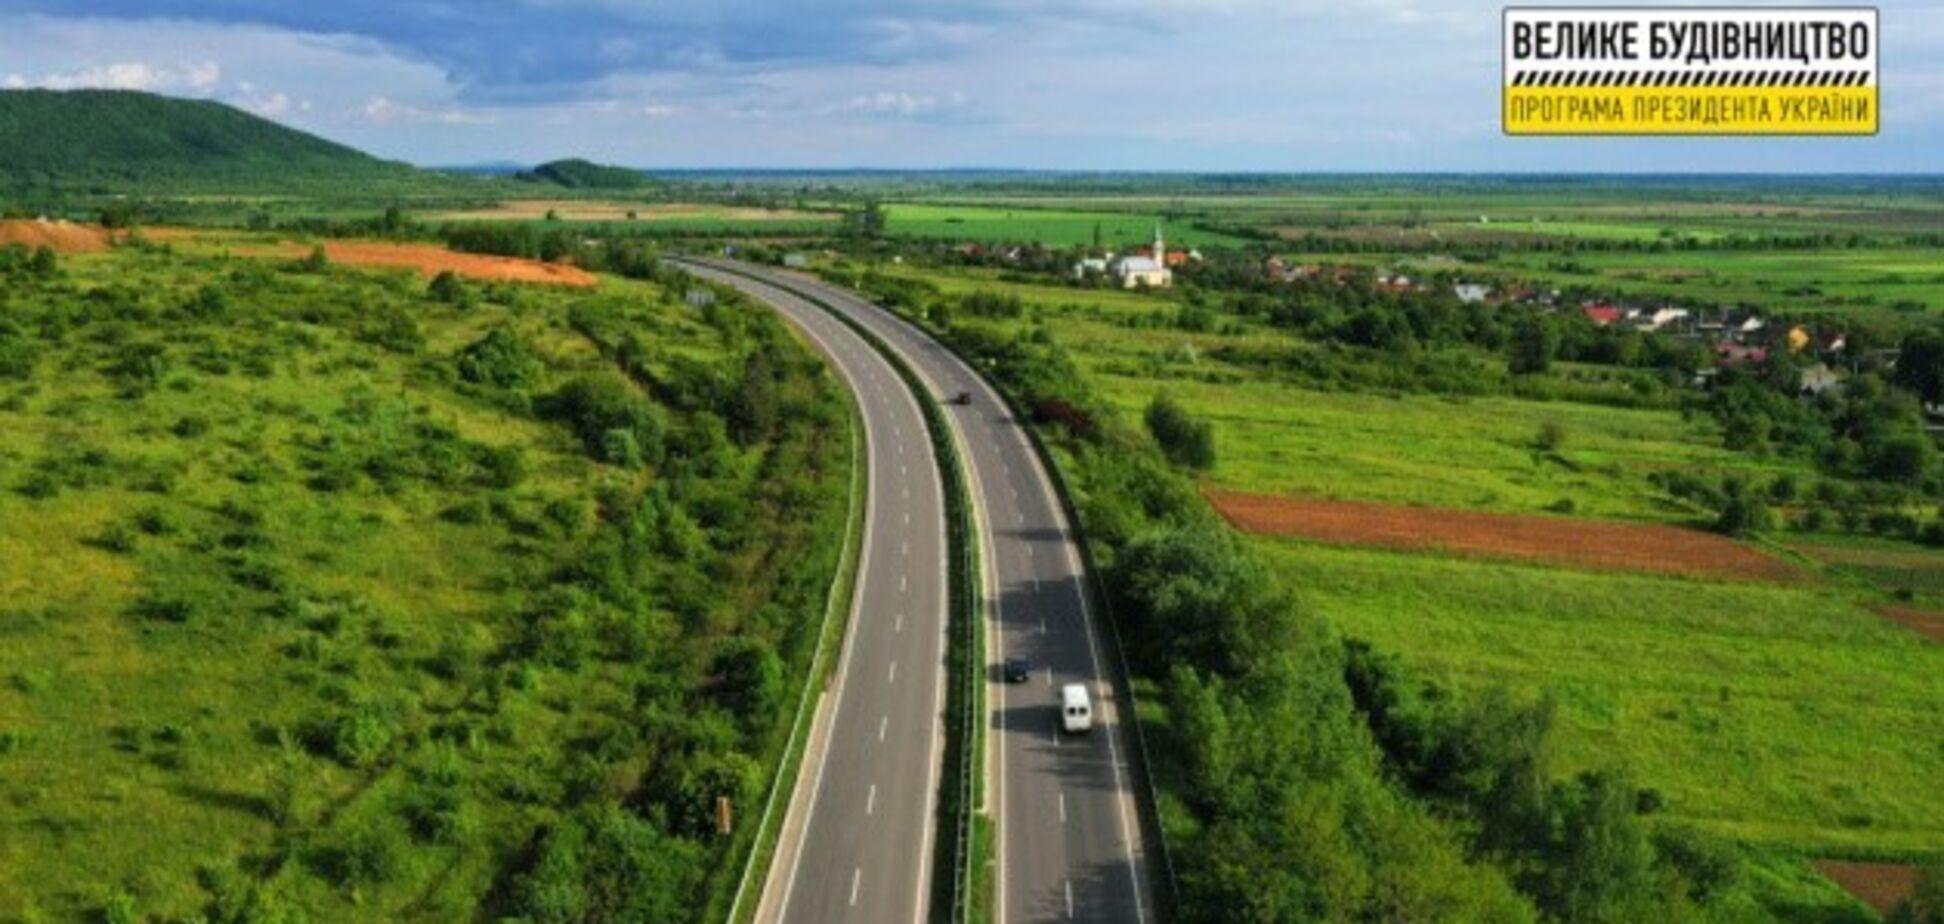 В этом году планируется восстановить трассу международного значения М-06 Киев - Чоп